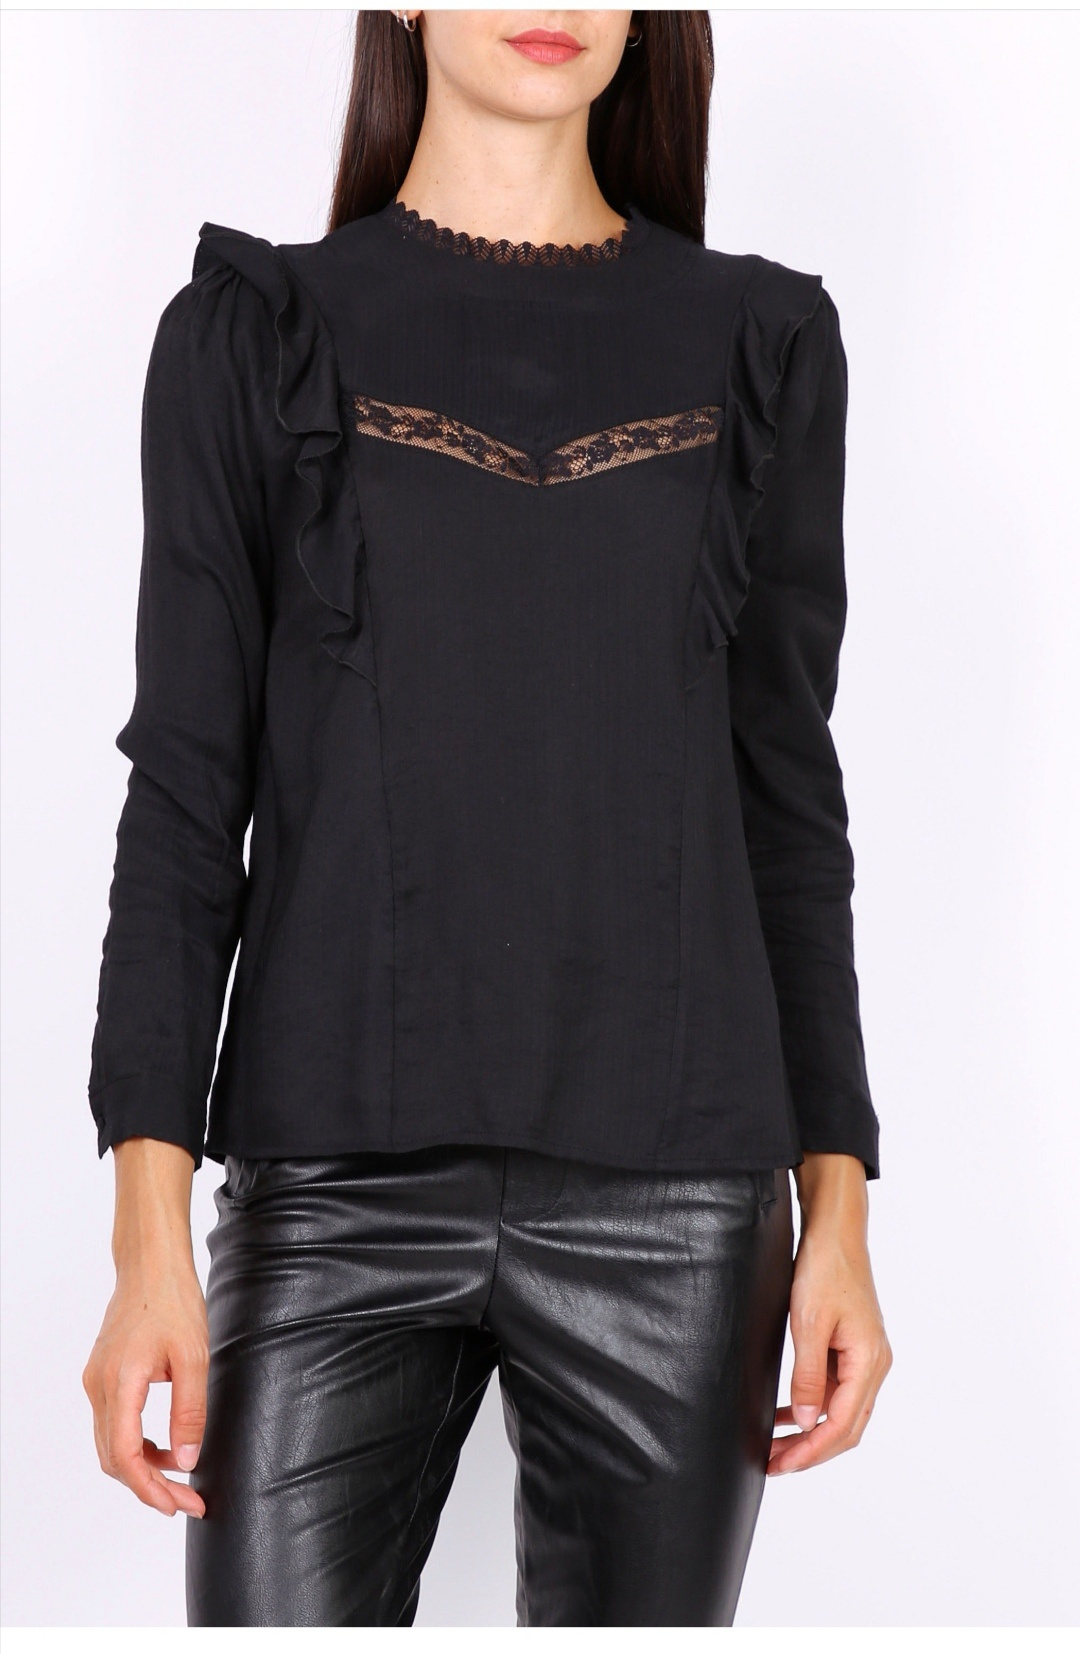 PEPITES blouse lea noire-1